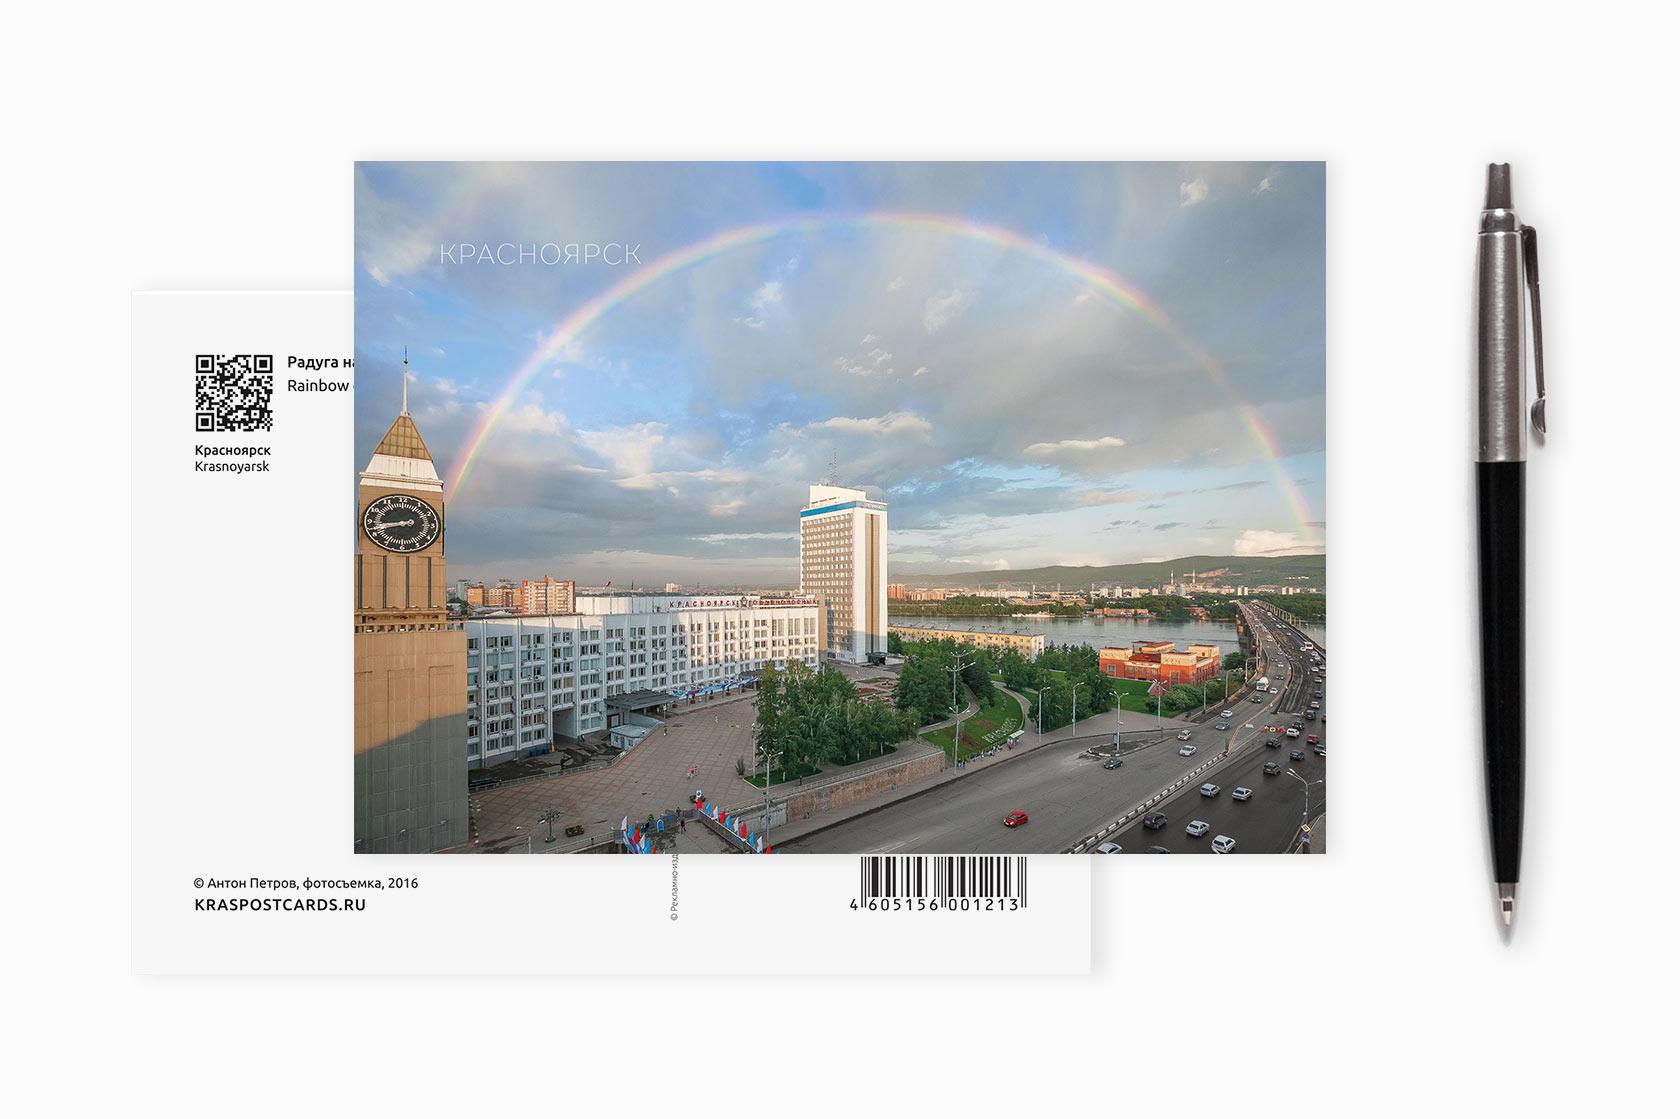 Президенту сша, открытки почтовая радуга